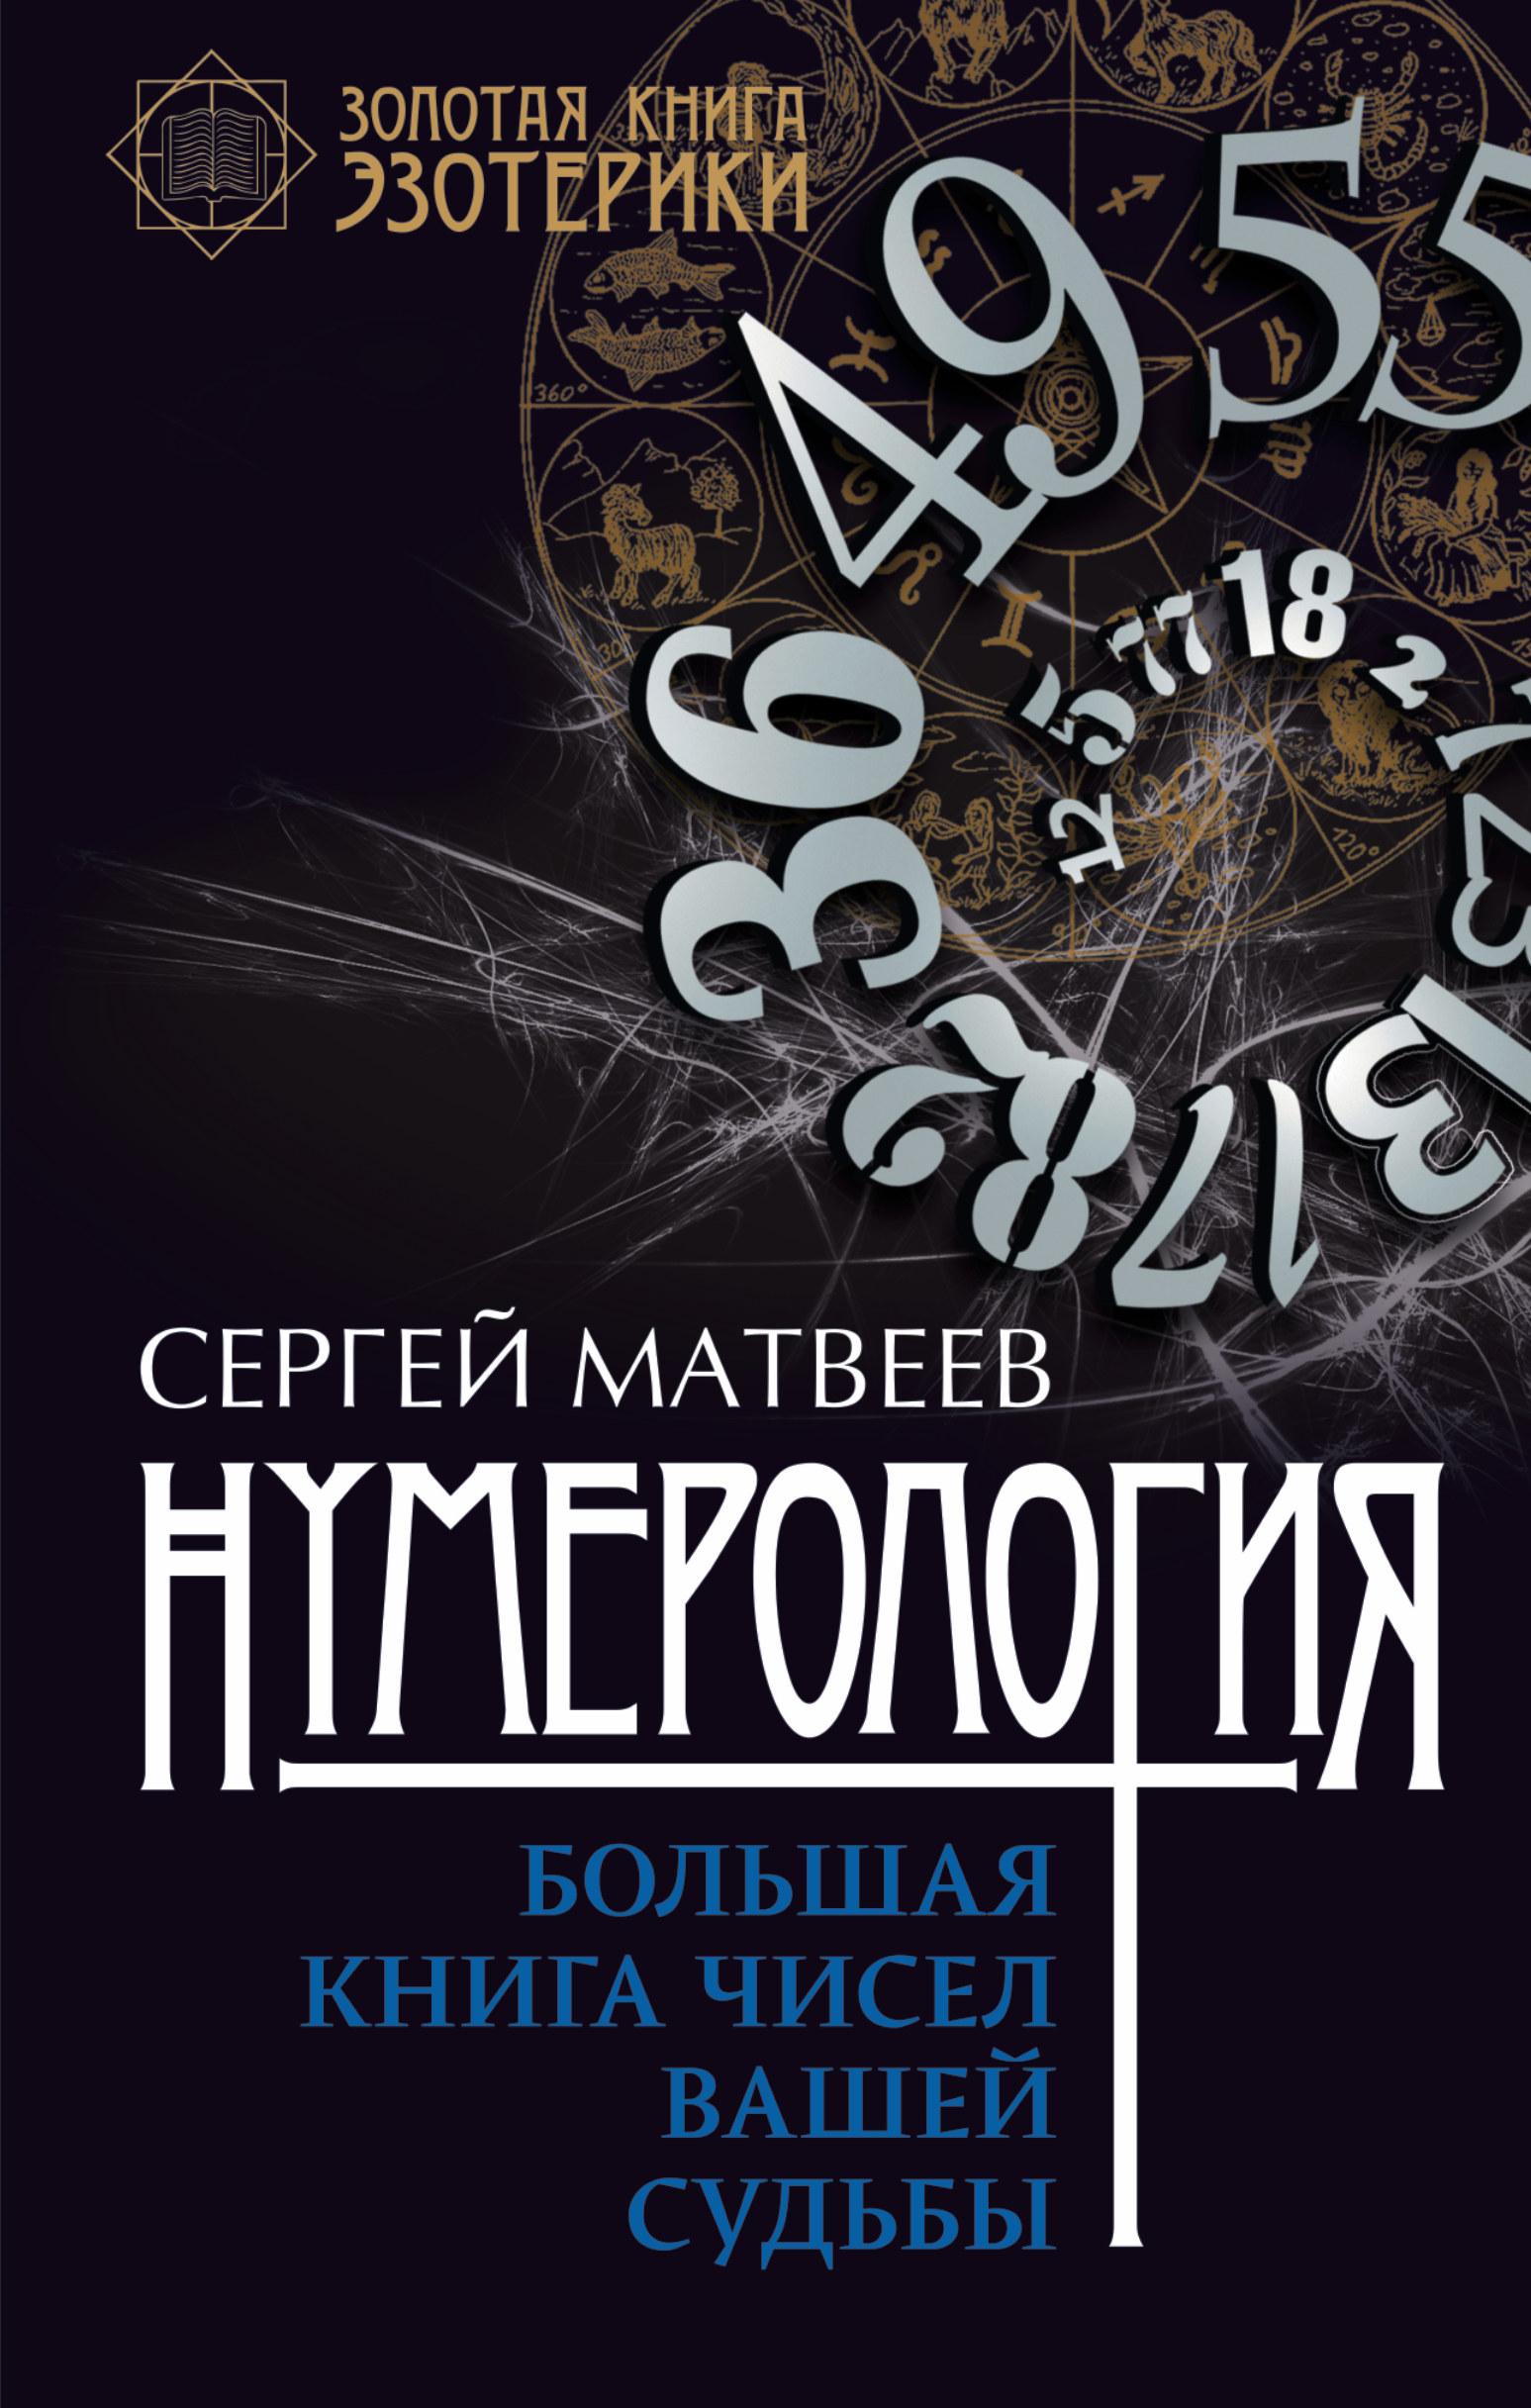 Матвеев С.А. Нумерология. Большая книга чисел вашей судьбы